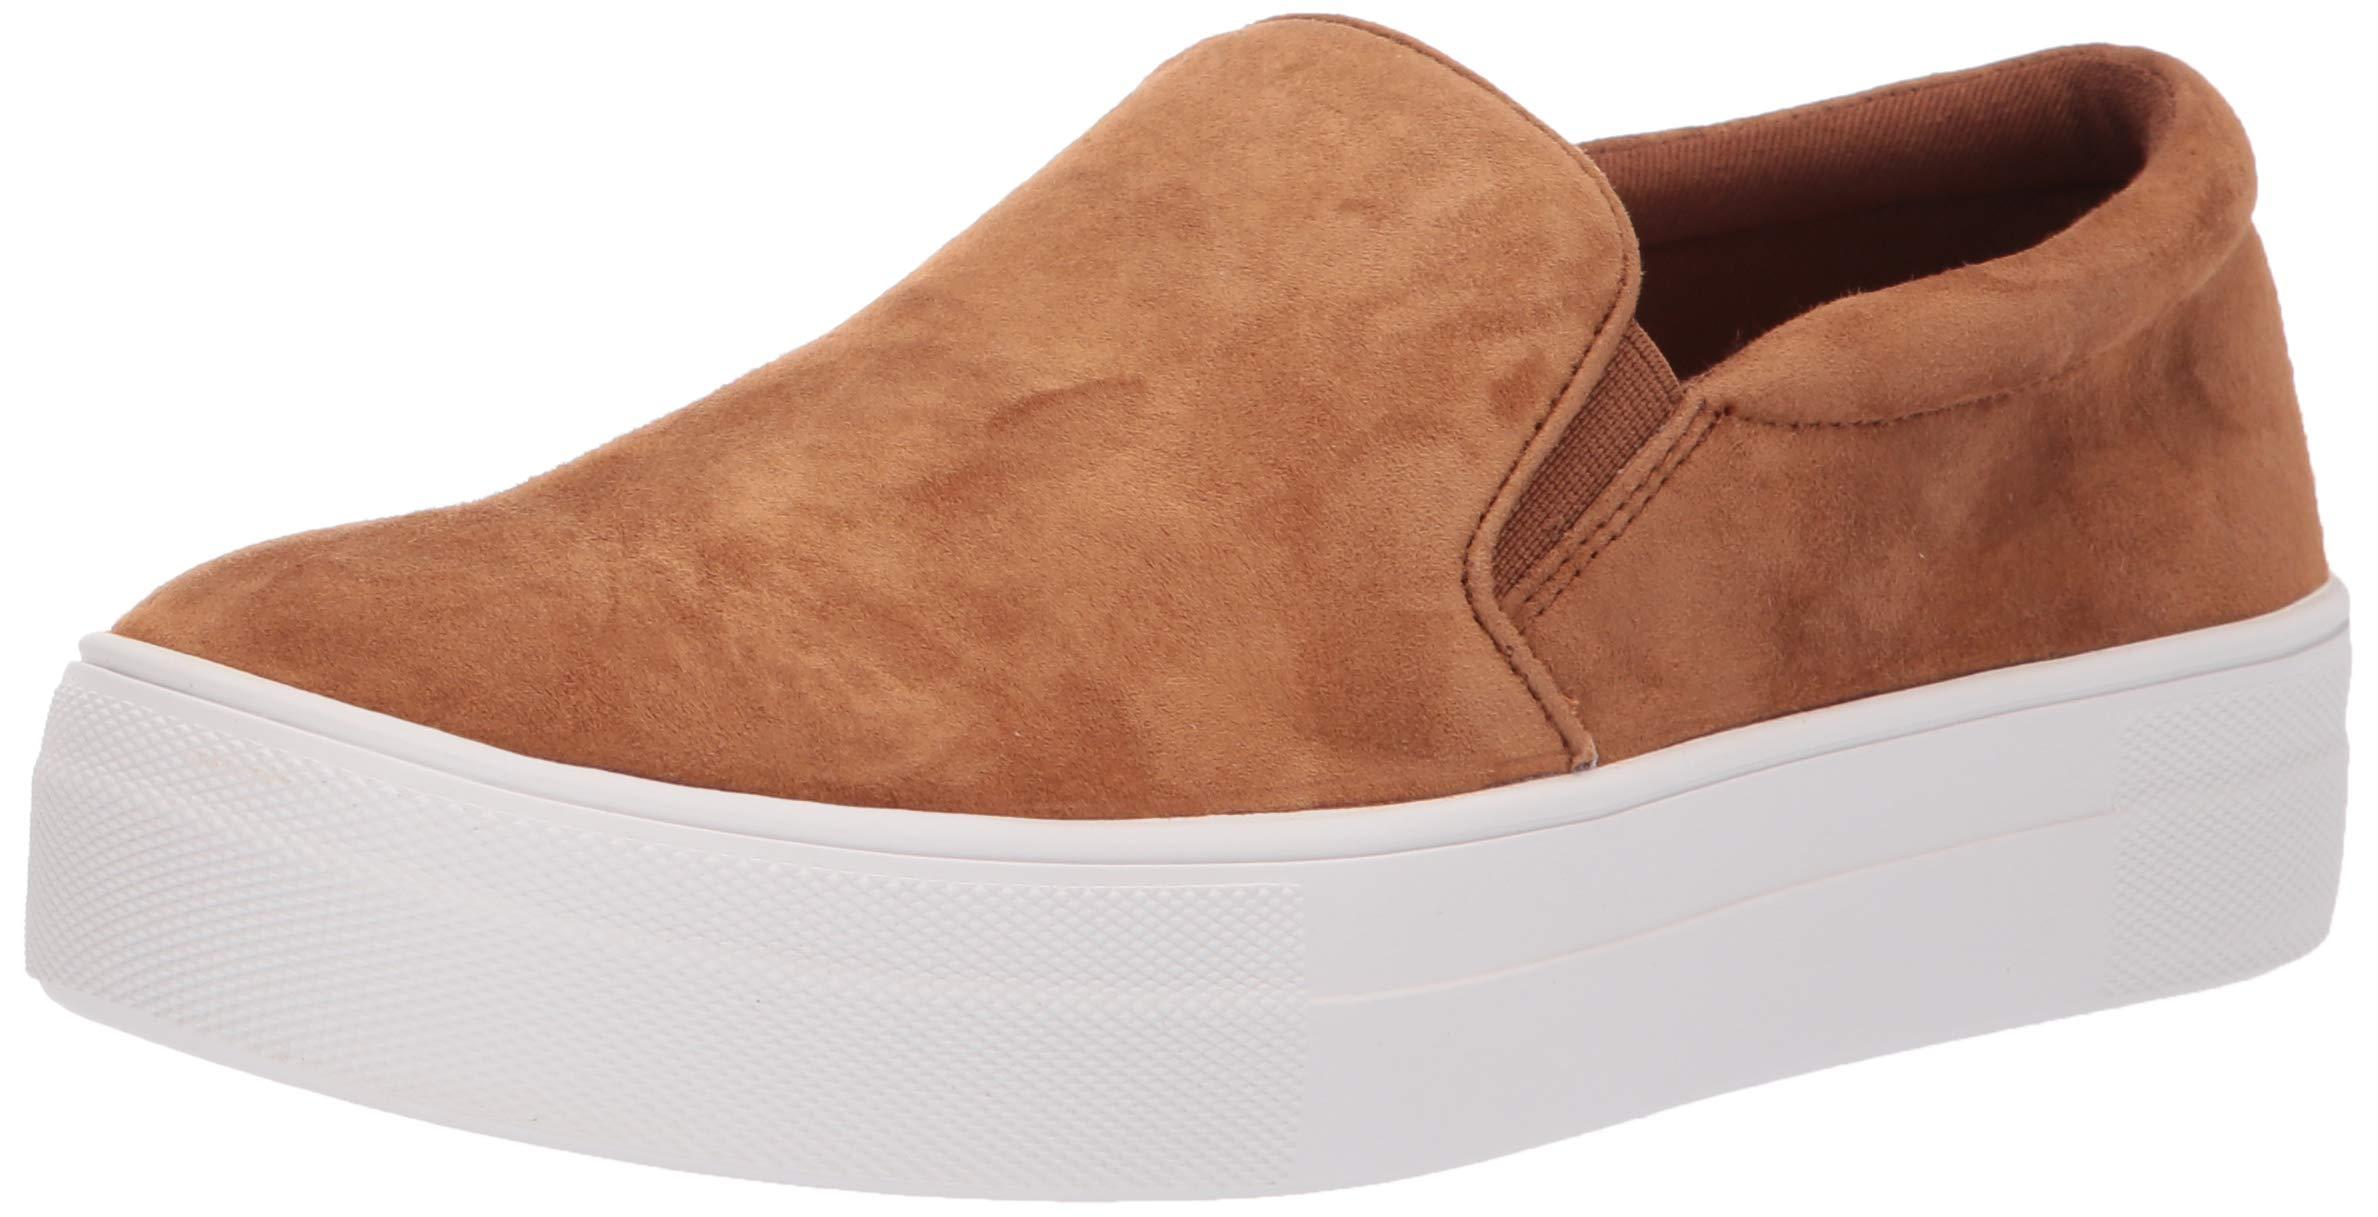 e829ecc788f Galleon - Steve Madden Women s Gills Sneaker